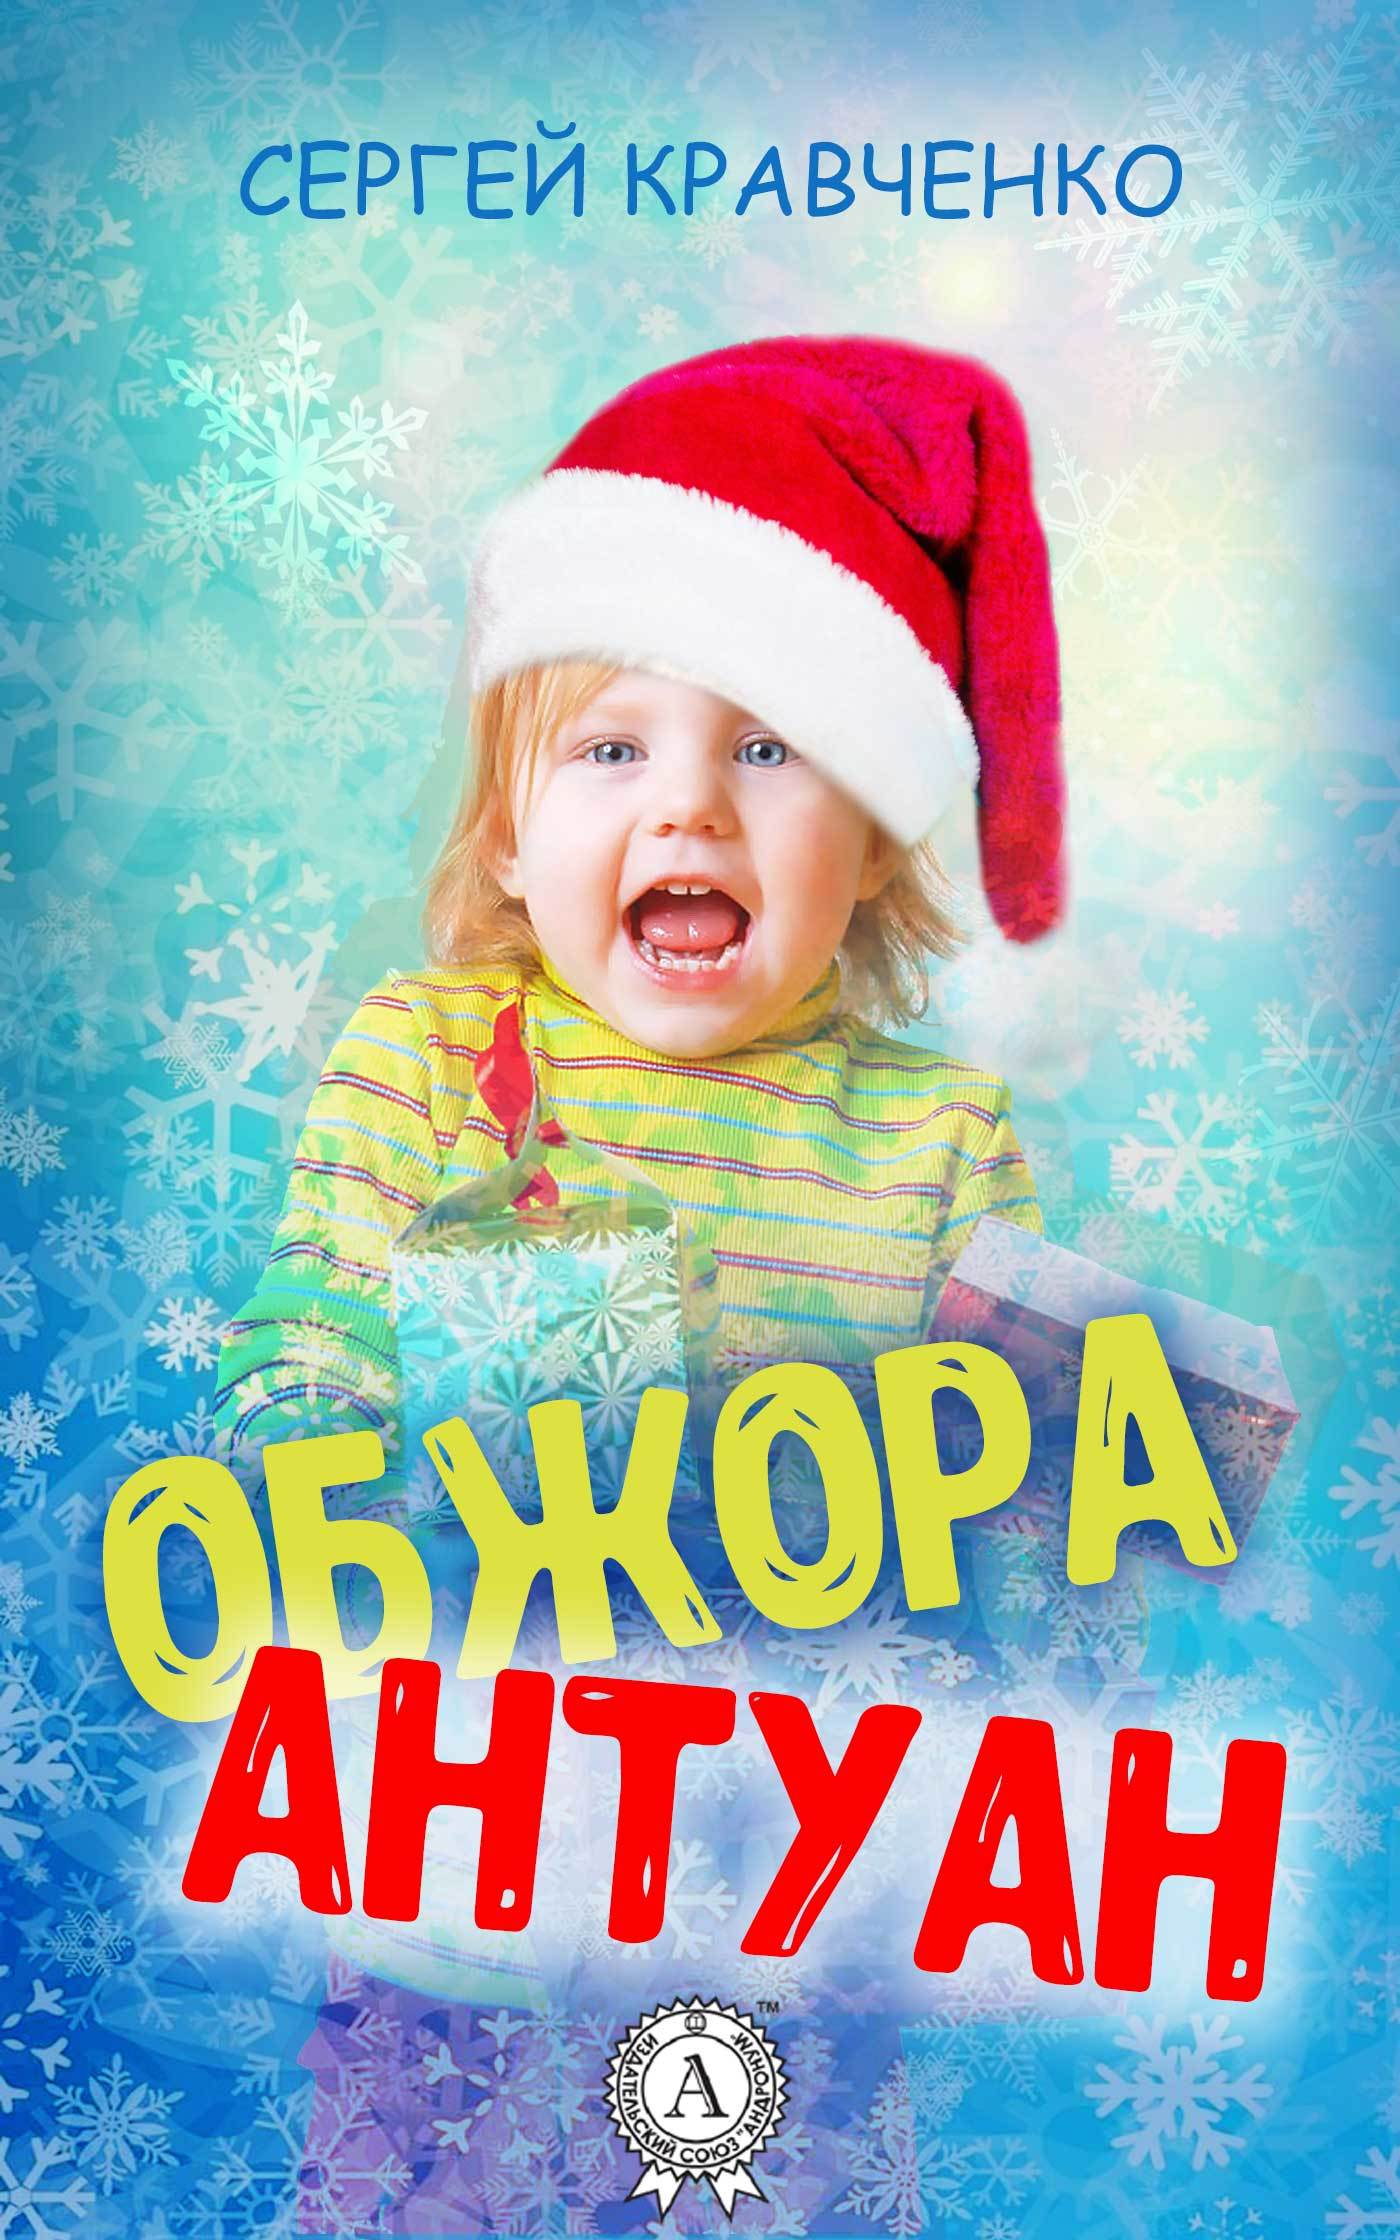 Сергей Кравченко бесплатно